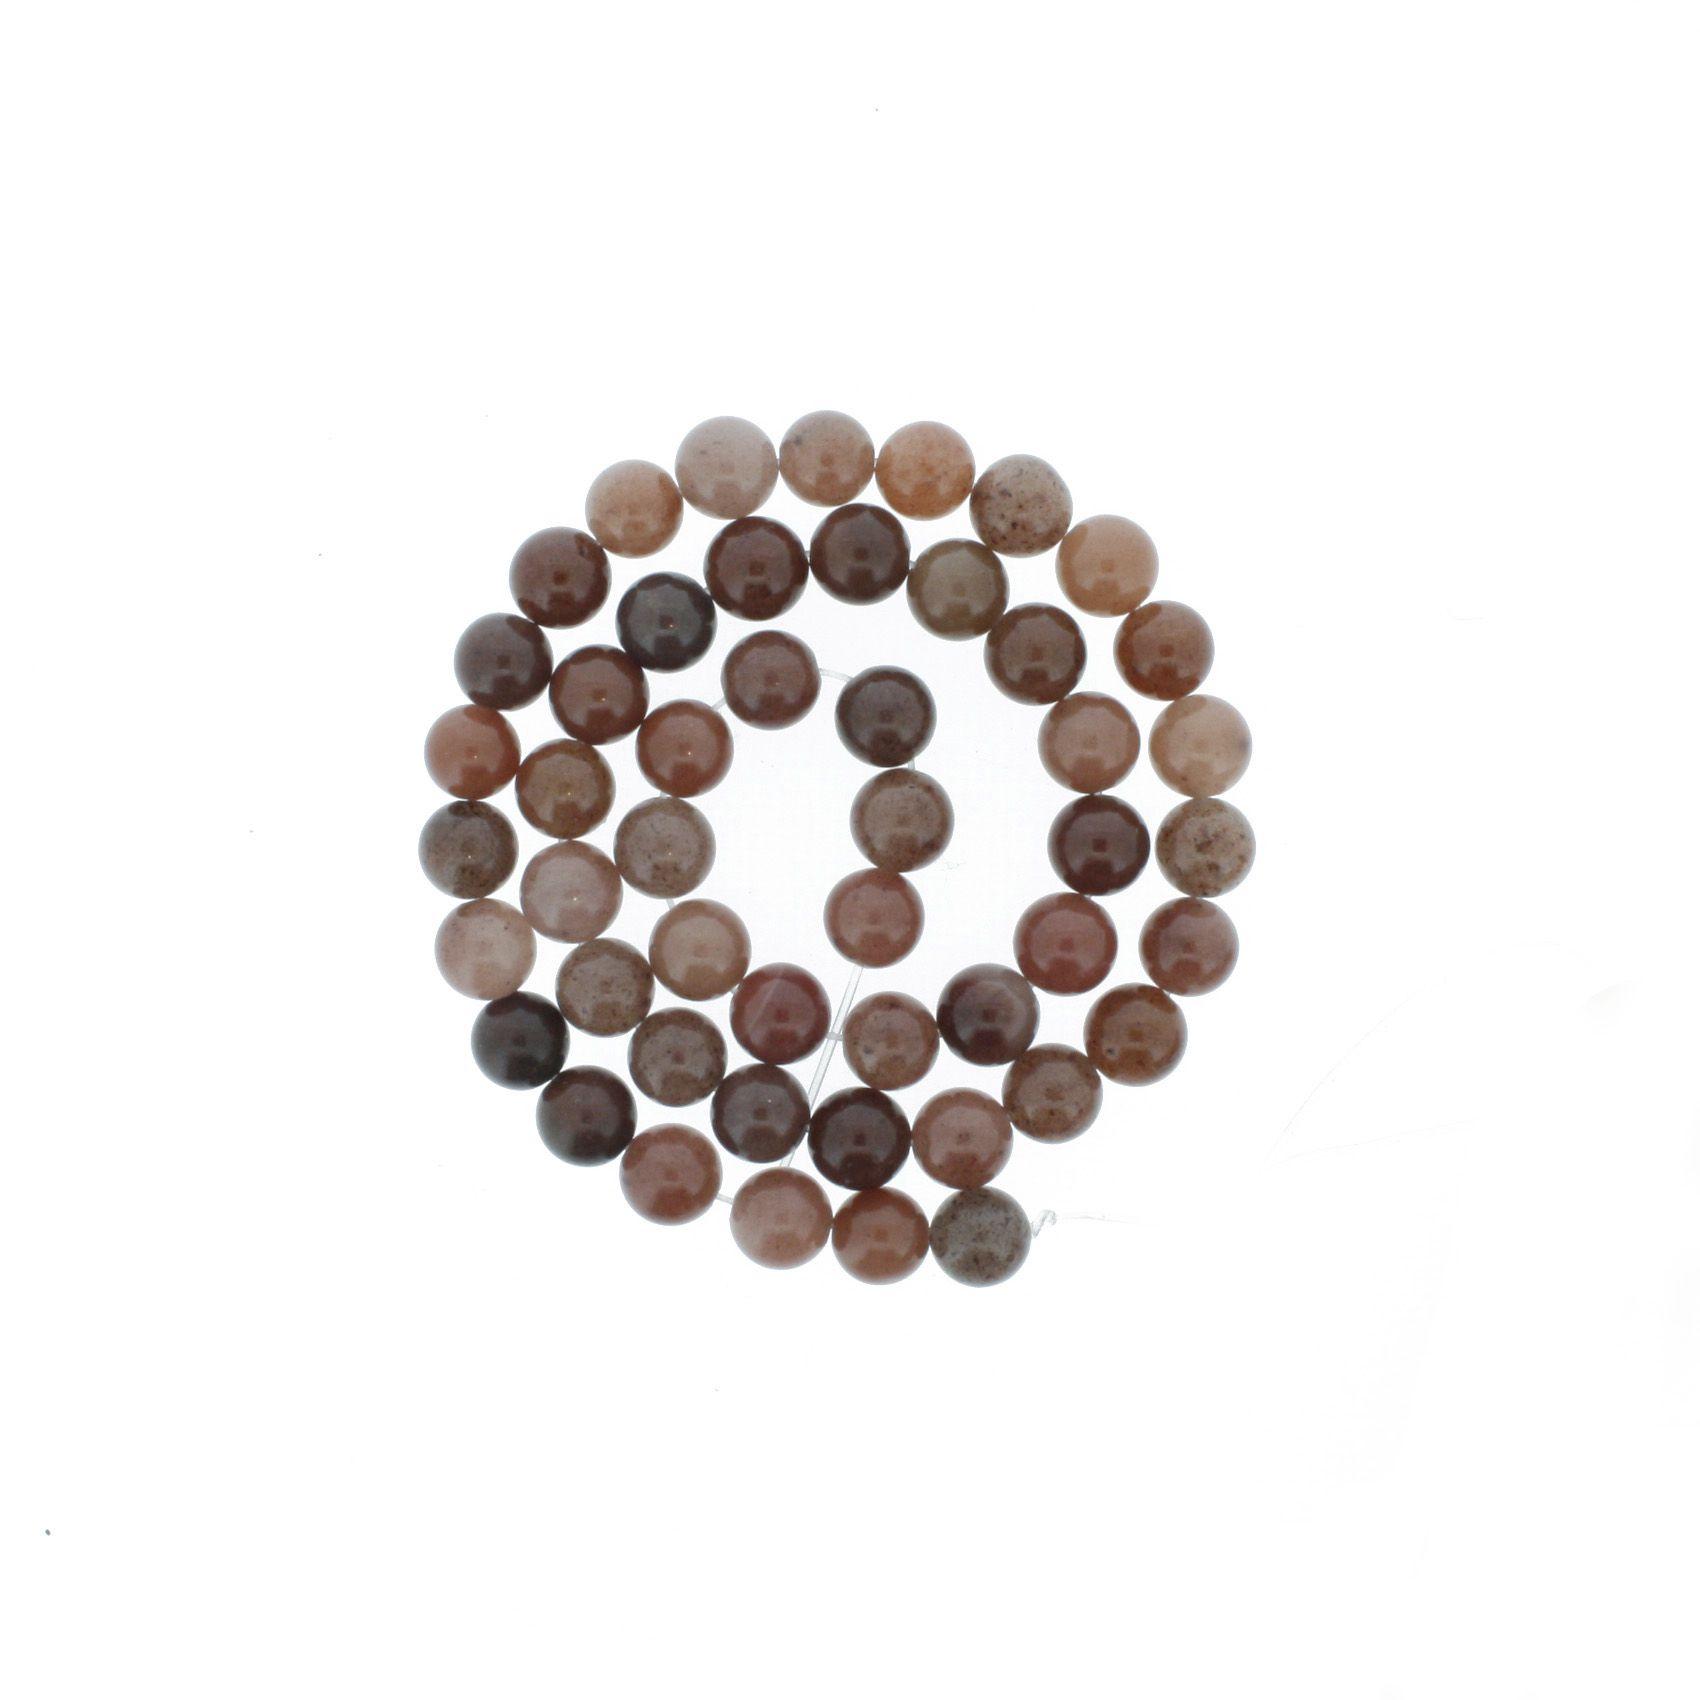 Fio de Pedra - Ágata Rosé - 8mm  - Stéphanie Bijoux® - Peças para Bijuterias e Artesanato